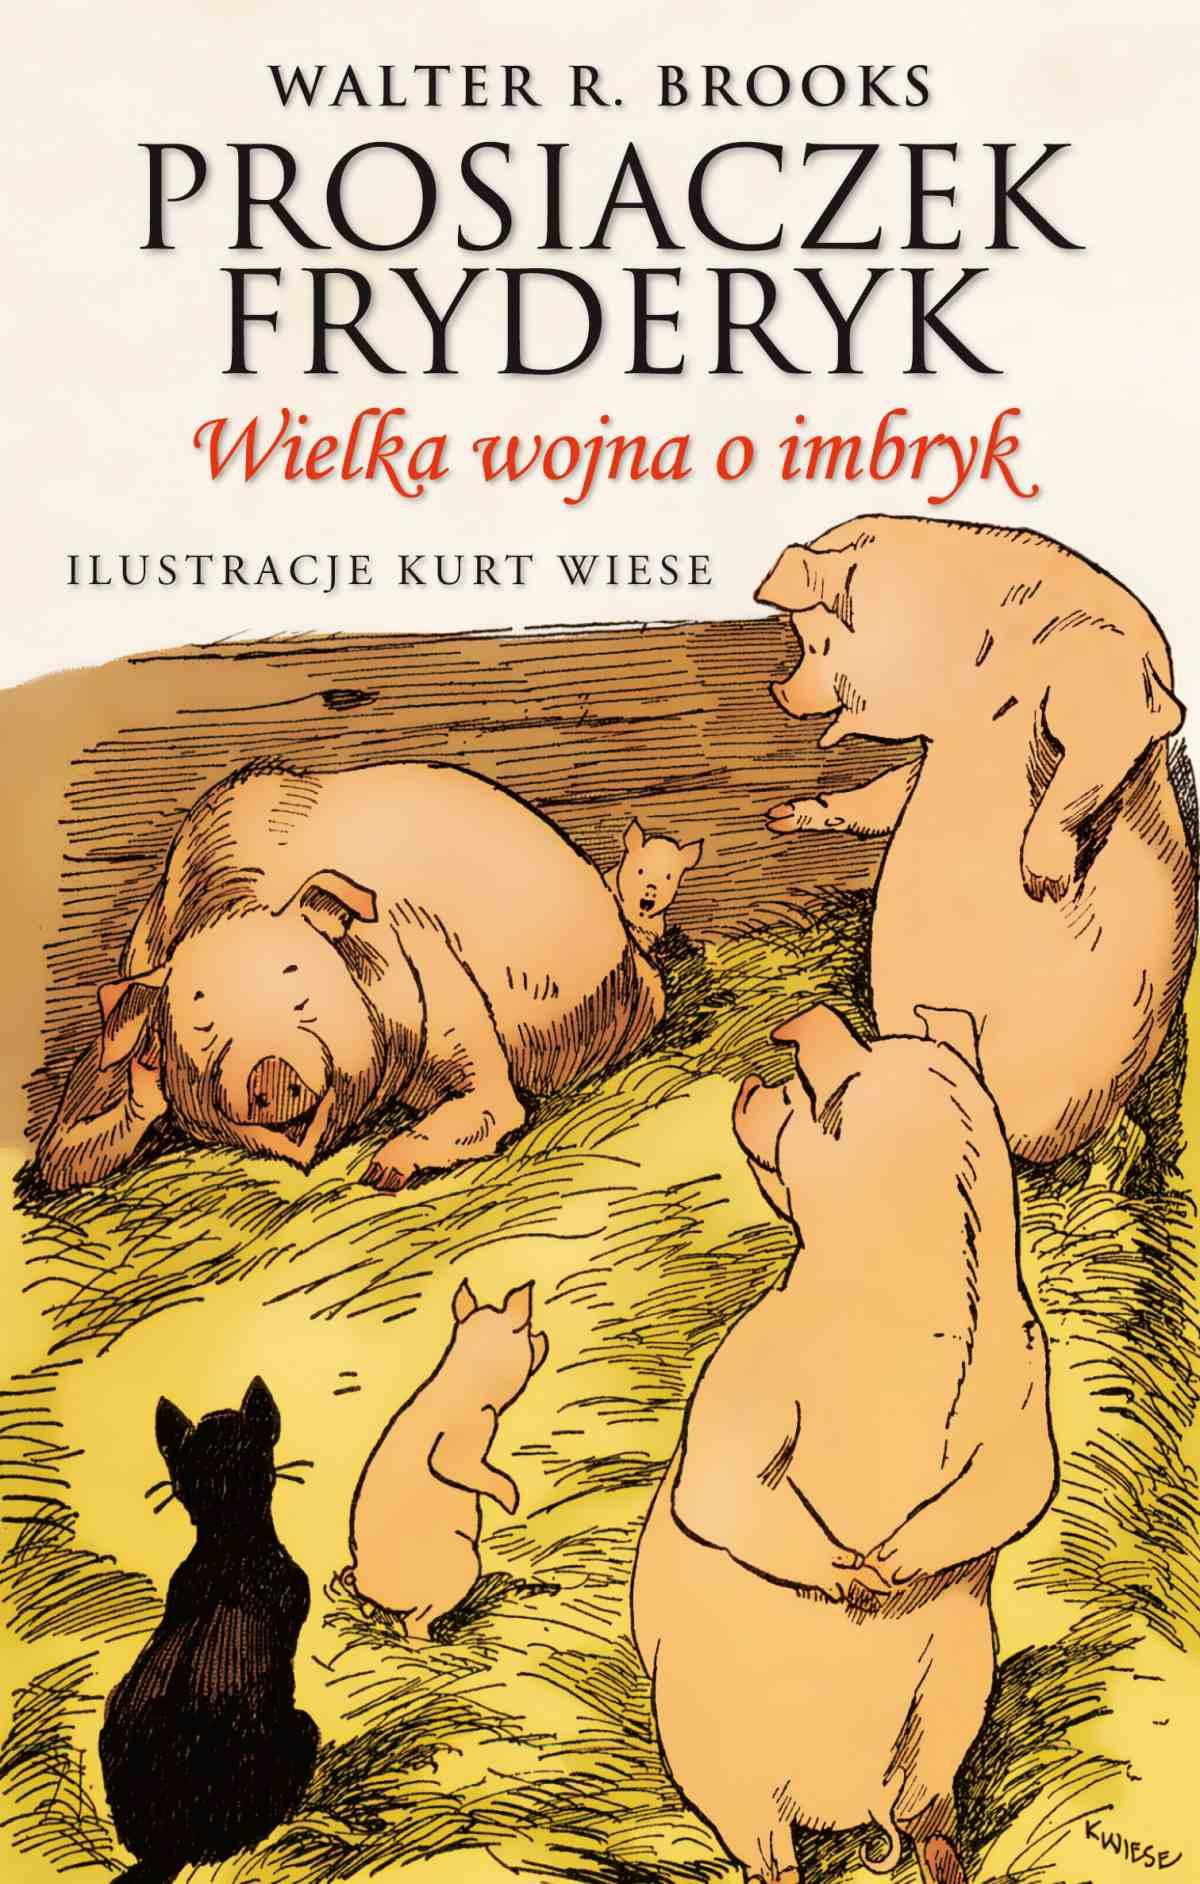 Prosiaczek Fryderyk. Wielka wojna o imbryk - Ebook (Książka na Kindle) do pobrania w formacie MOBI